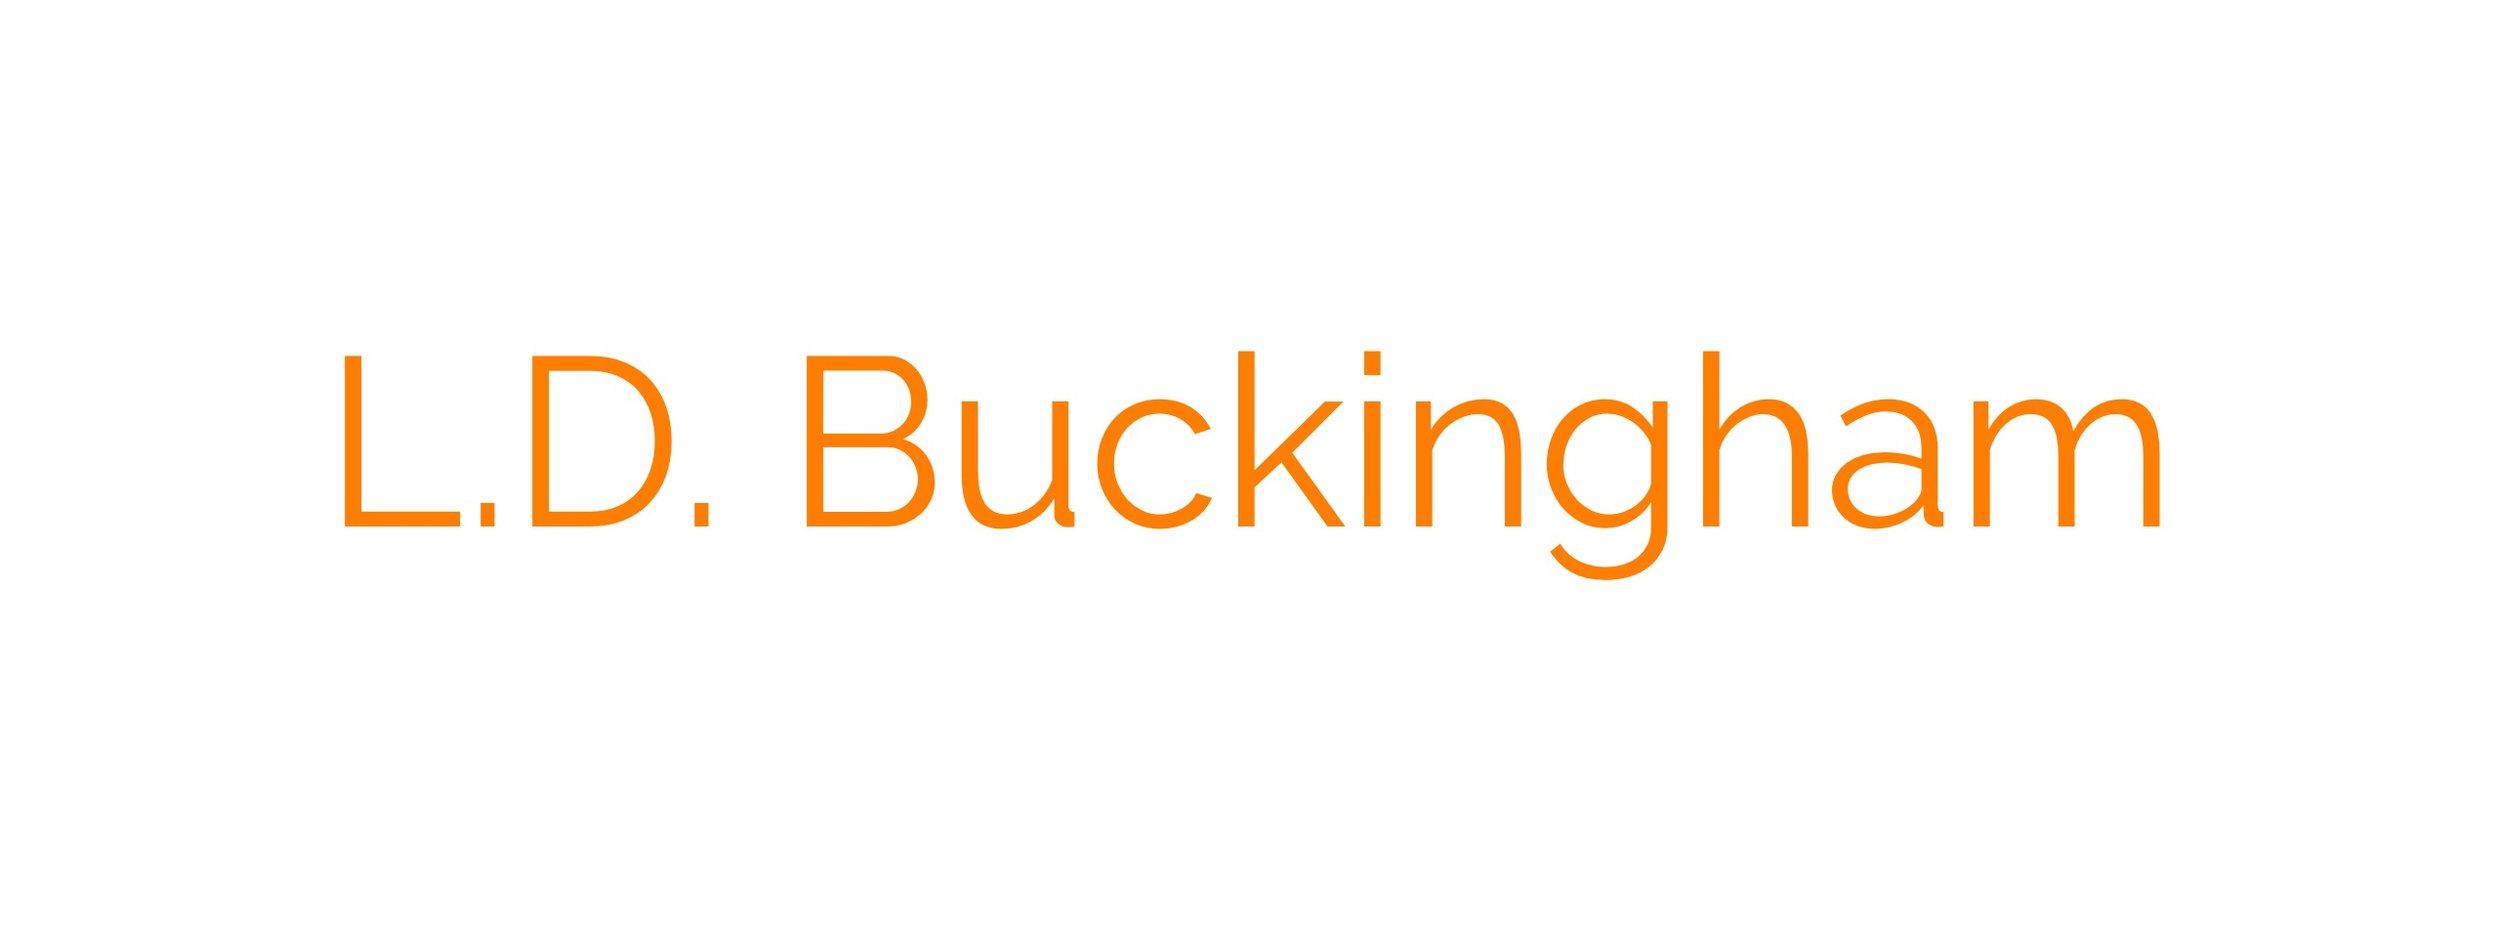 LD Buckingham.JPG